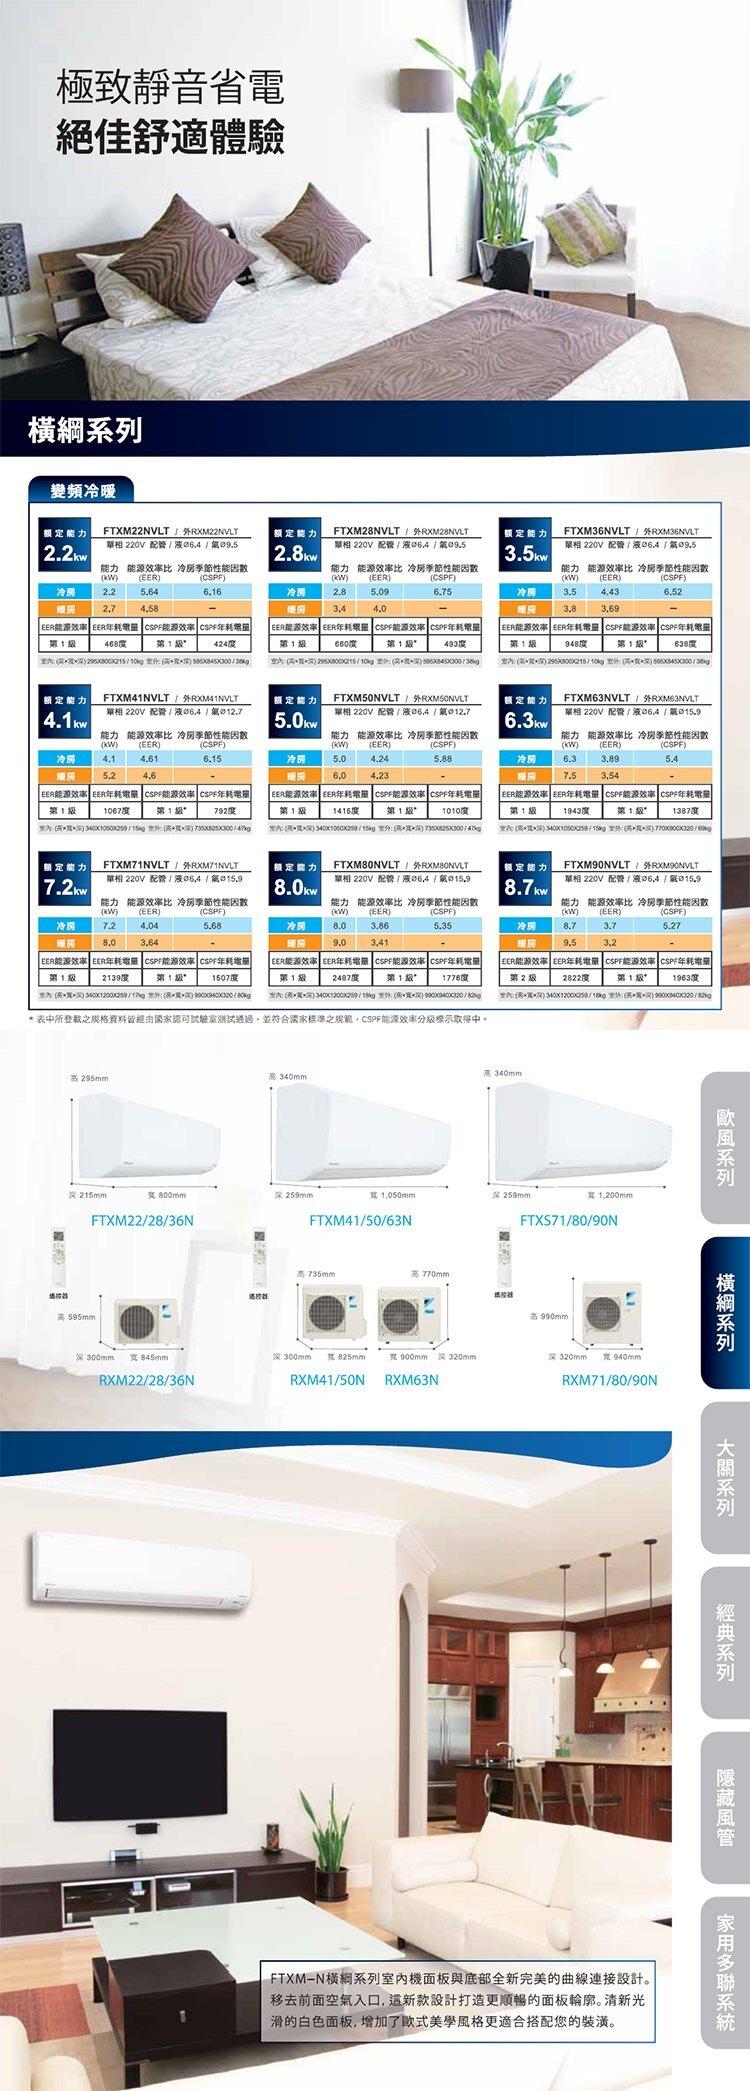 DAIKIN 大金  13-15坪 橫綱系列 變頻冷暖 一對一分離式冷氣 3D立體氣流 省電 靜音 環保   RXM71SVLT / FTXM71SVLT